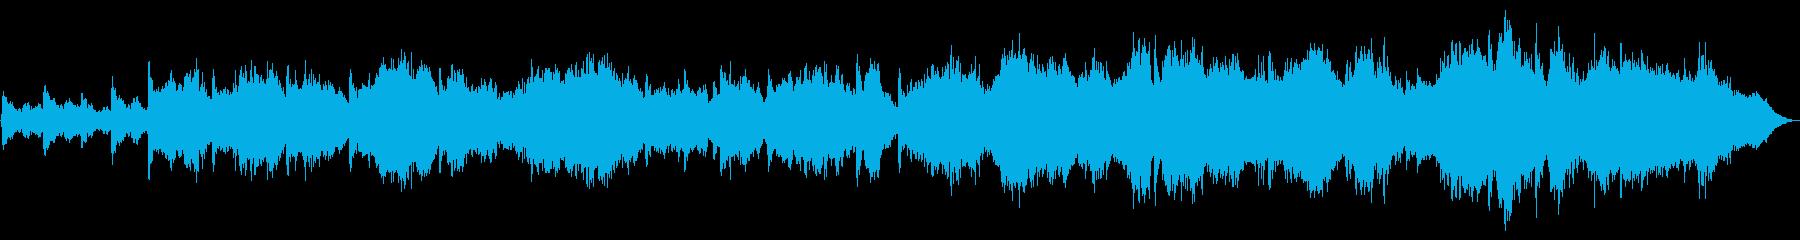 ピアノとパッドのヒーリングミュージックの再生済みの波形